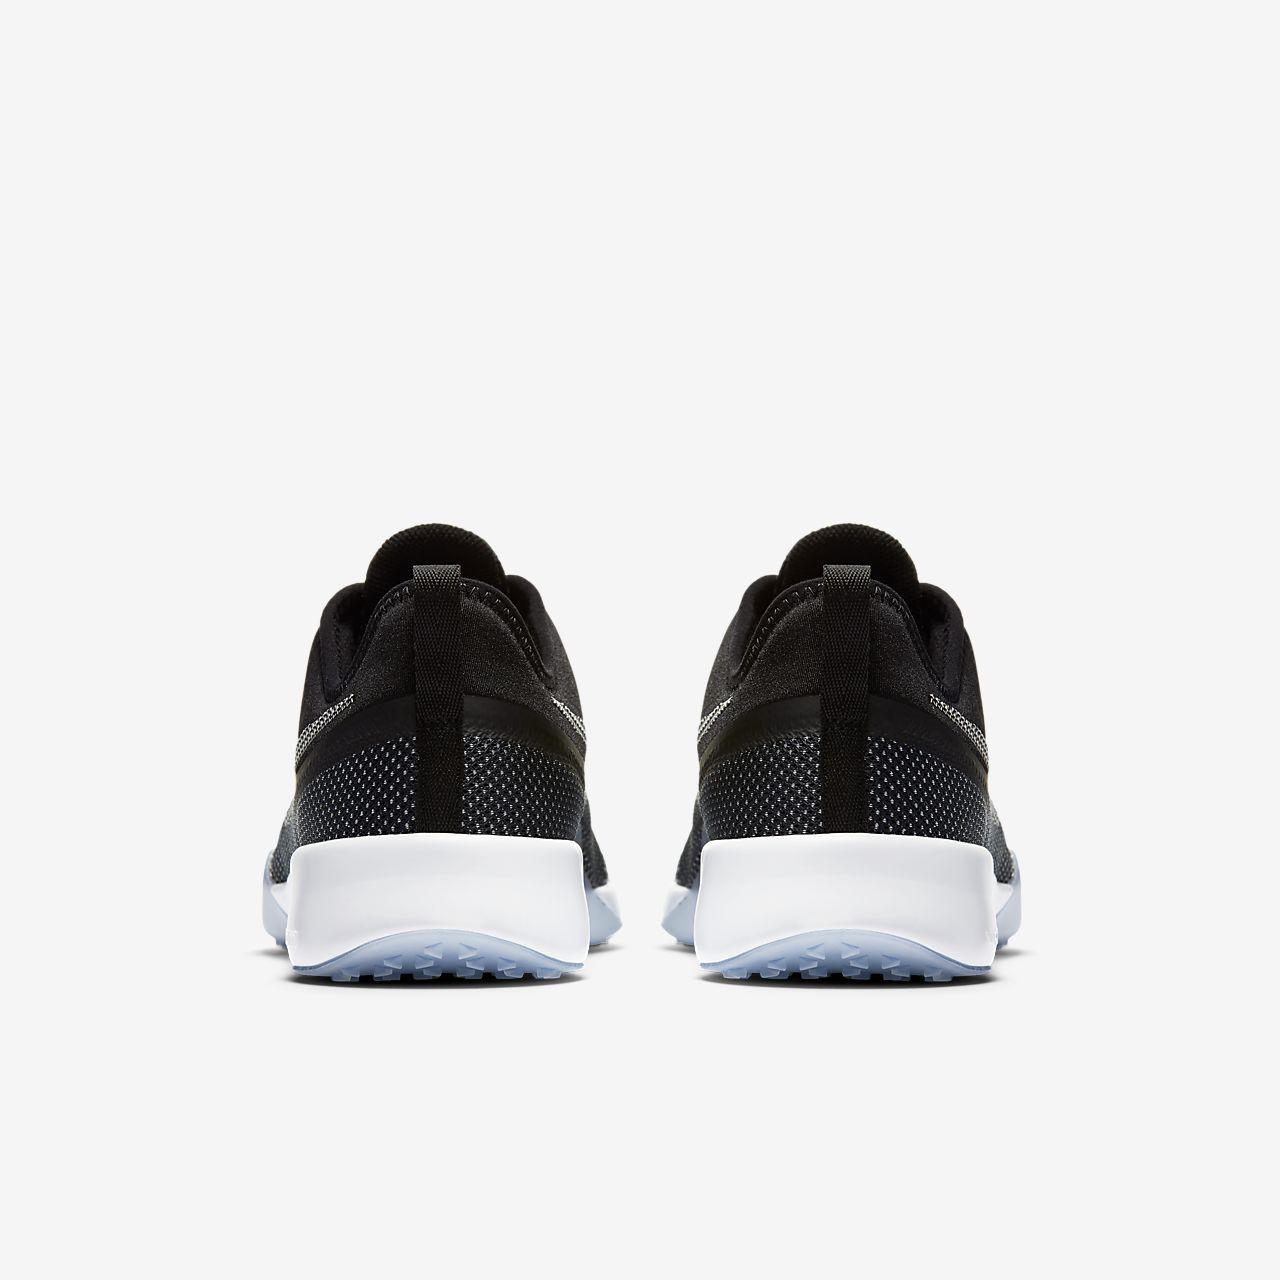 size 40 c024a 4be72 ... Calzado de entrenamiento para mujer Nike Air Zoom Dynamic TR